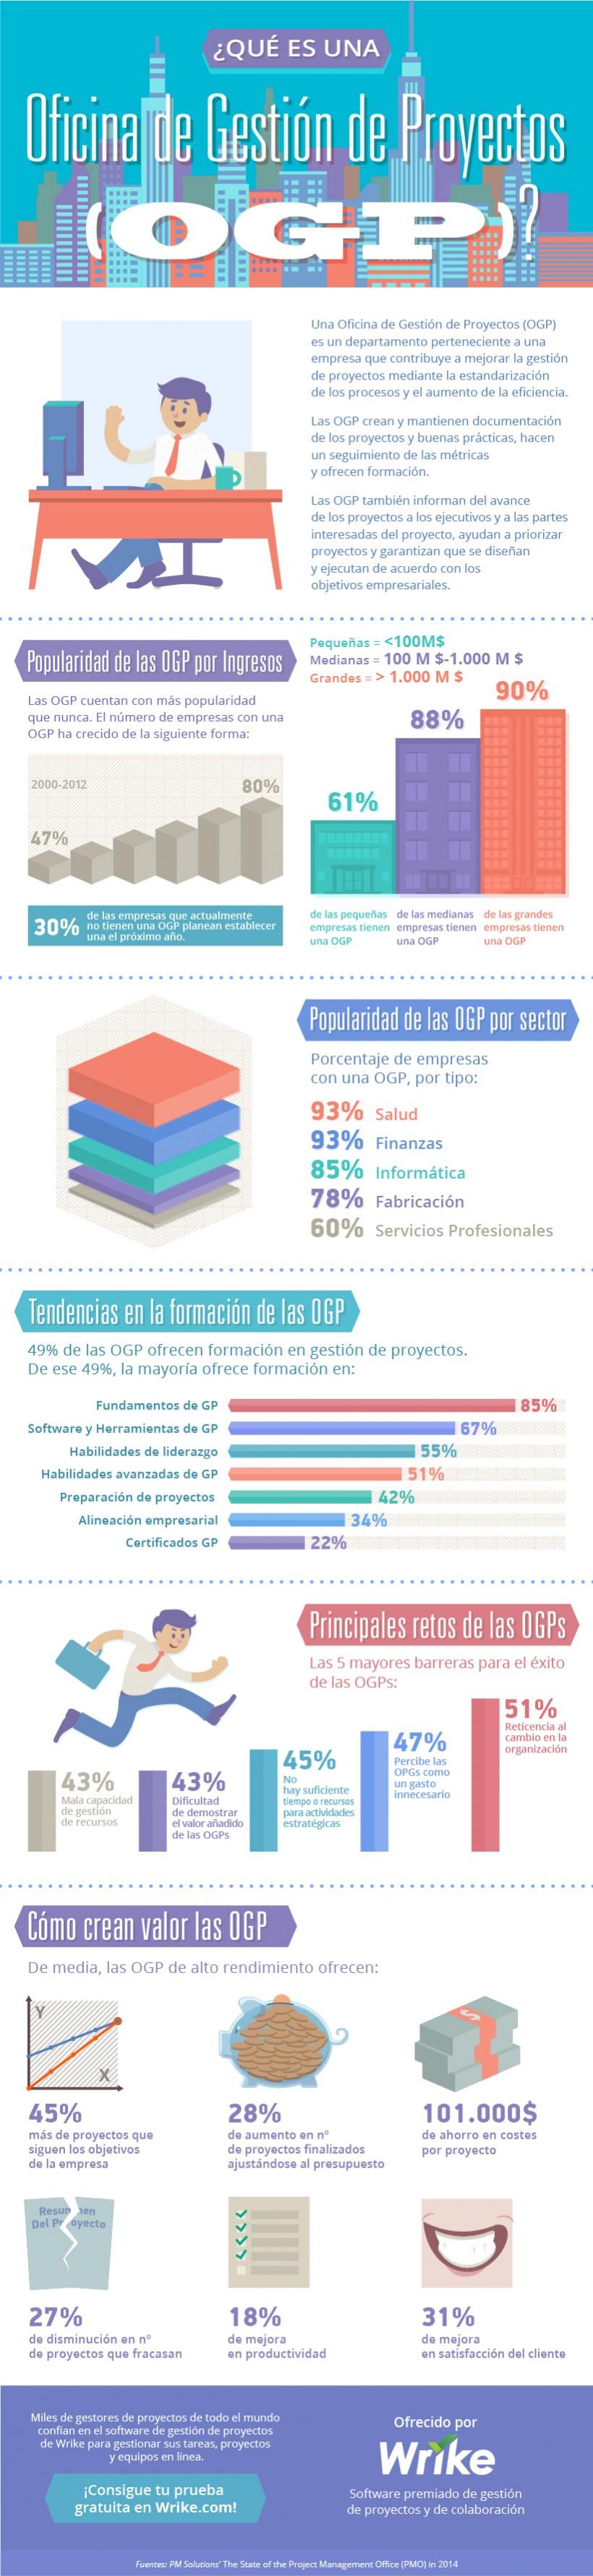 ¿Qué es una OGP? (Infografía)